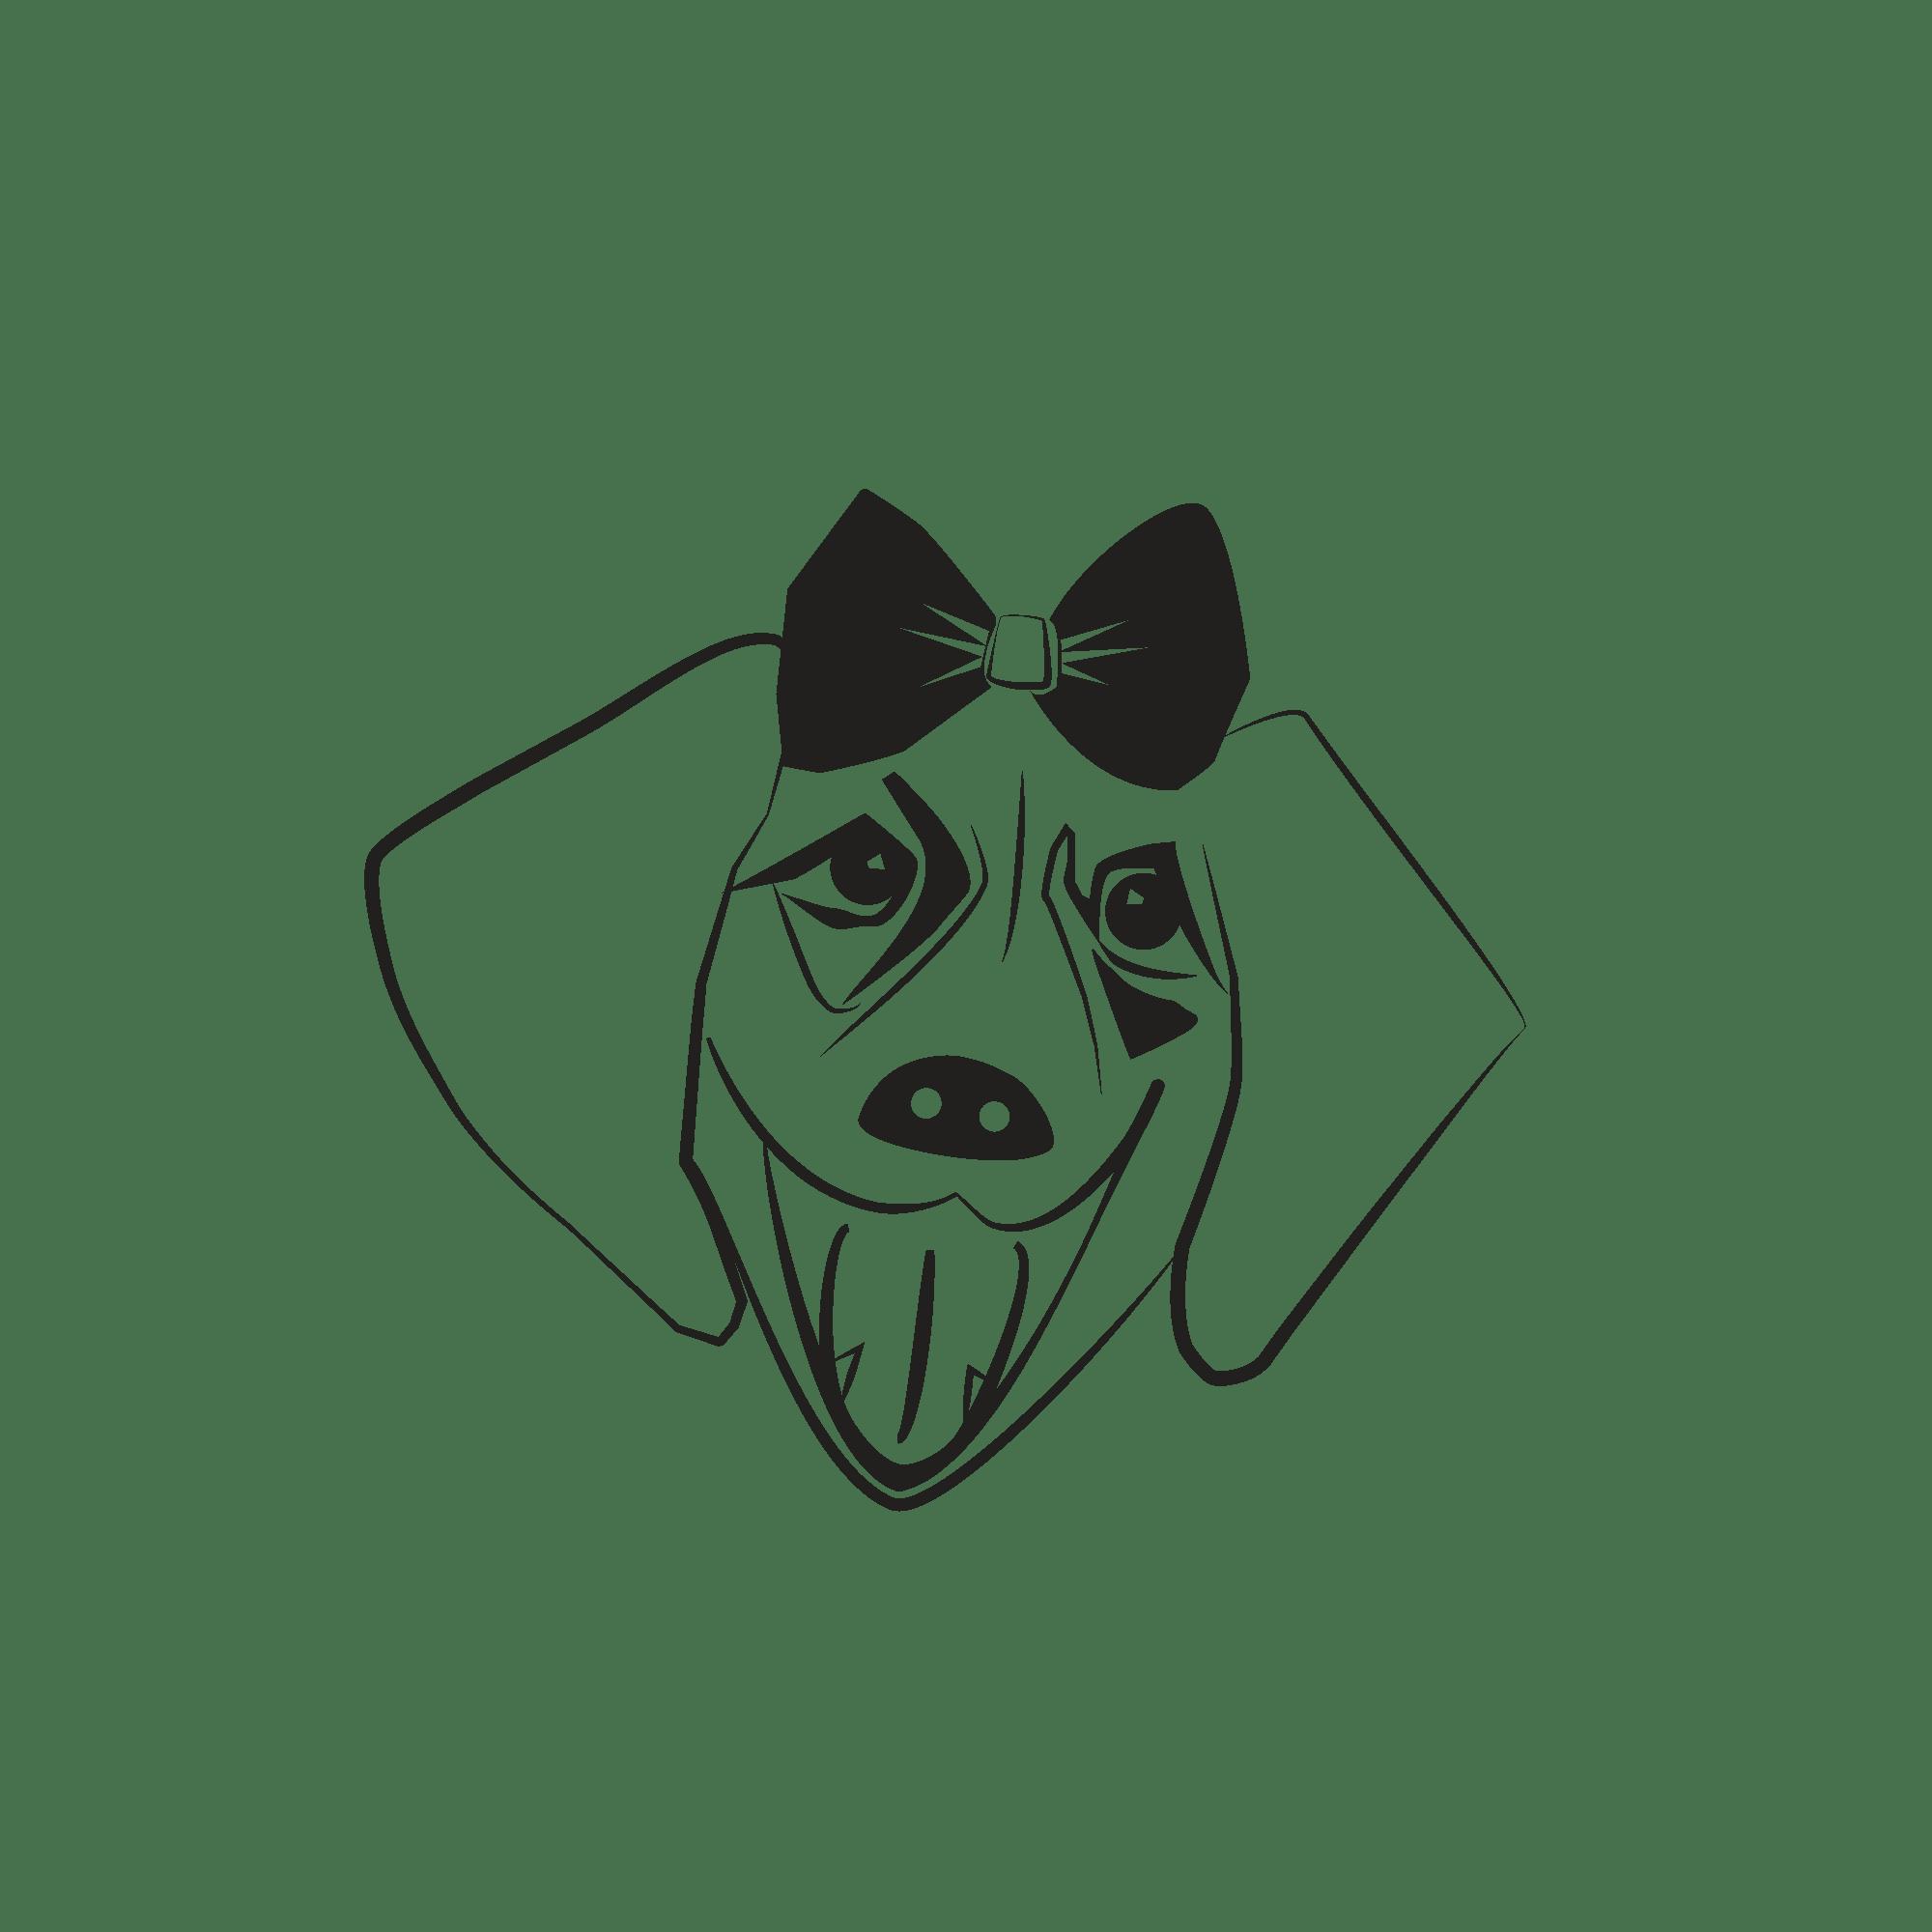 סוניה - ציור של כלבה